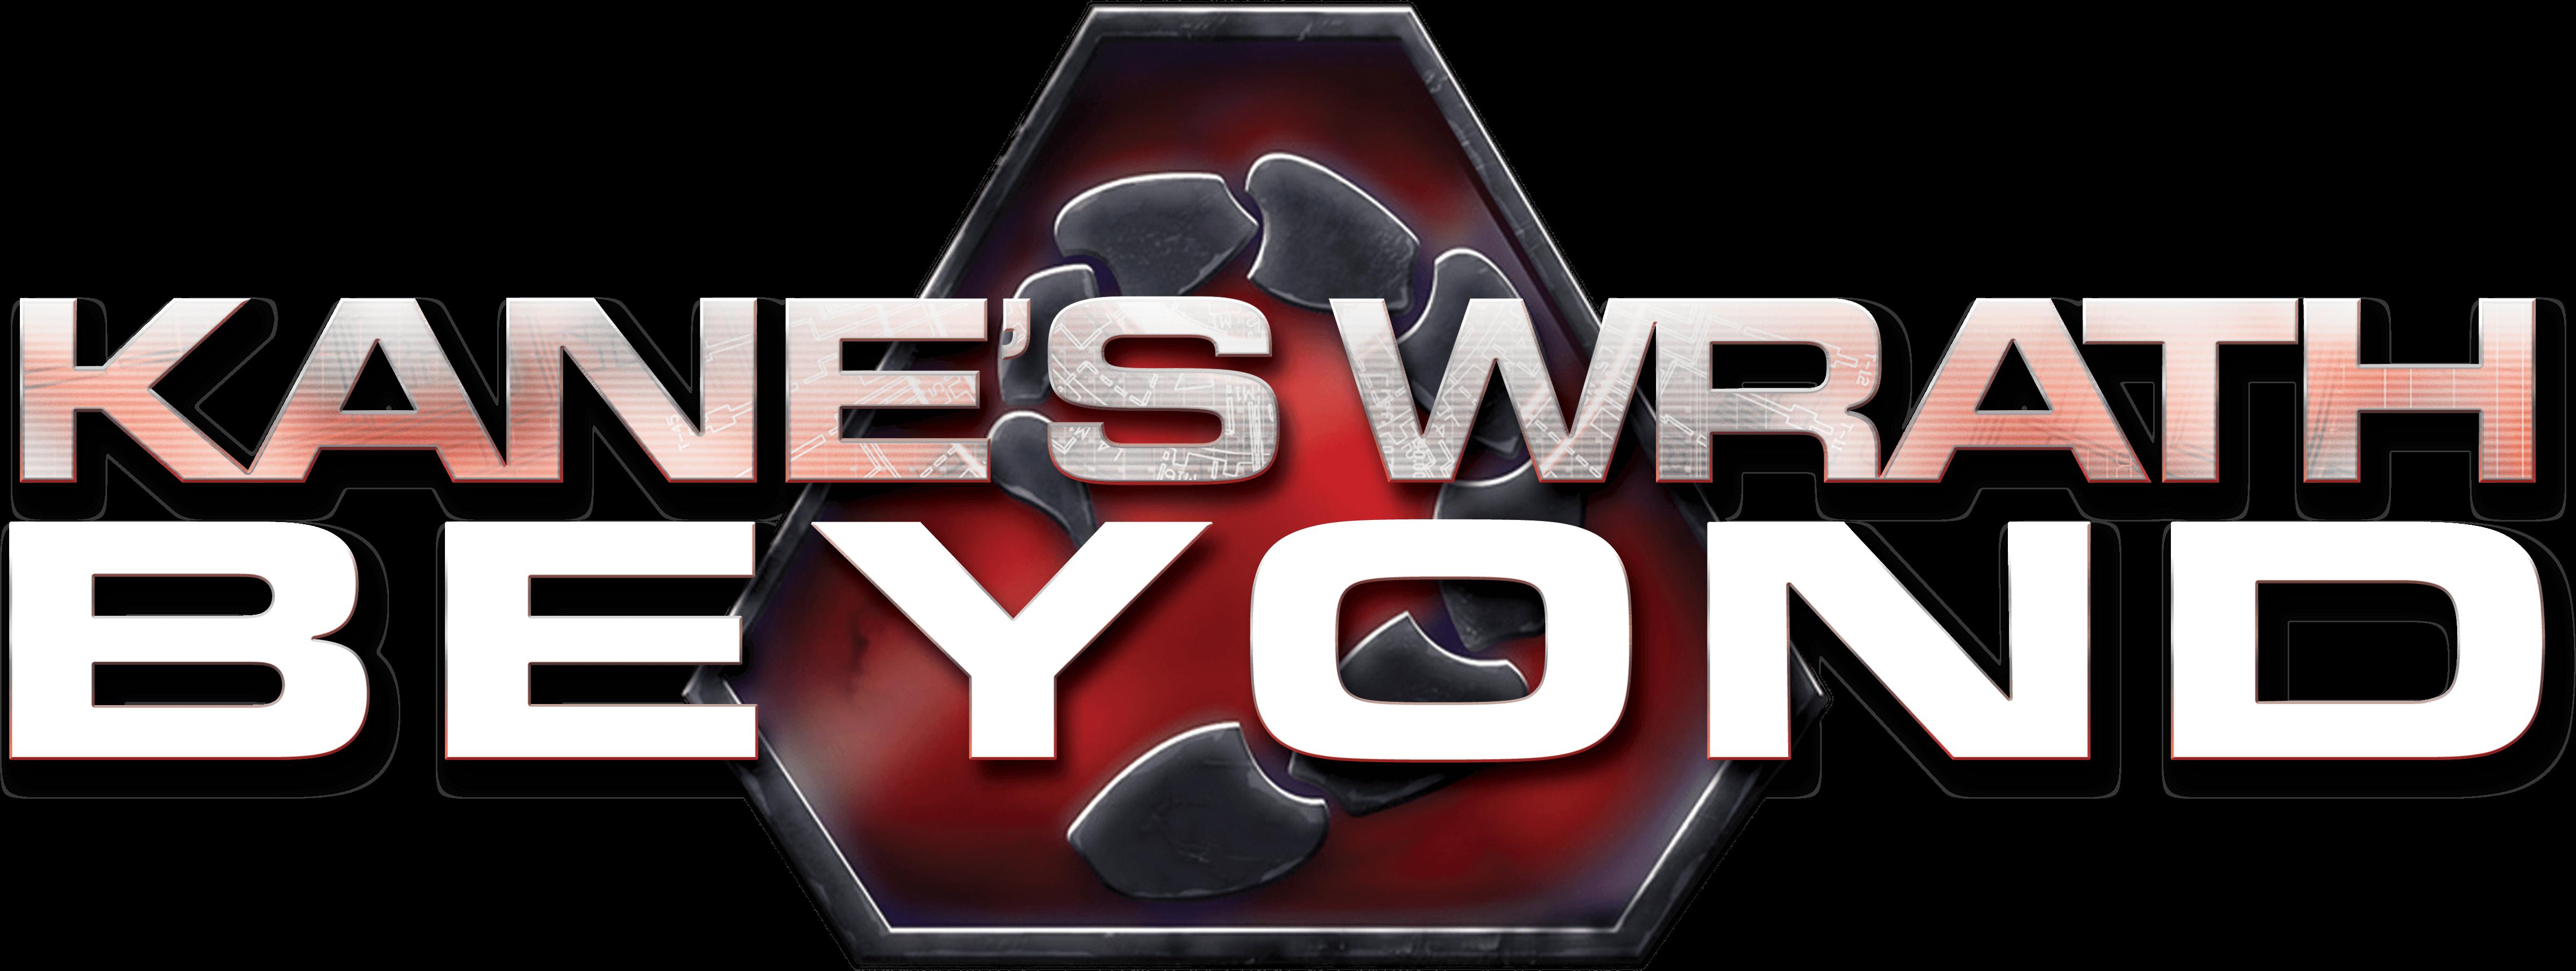 Kane's Wrath: Beyond prototype logo